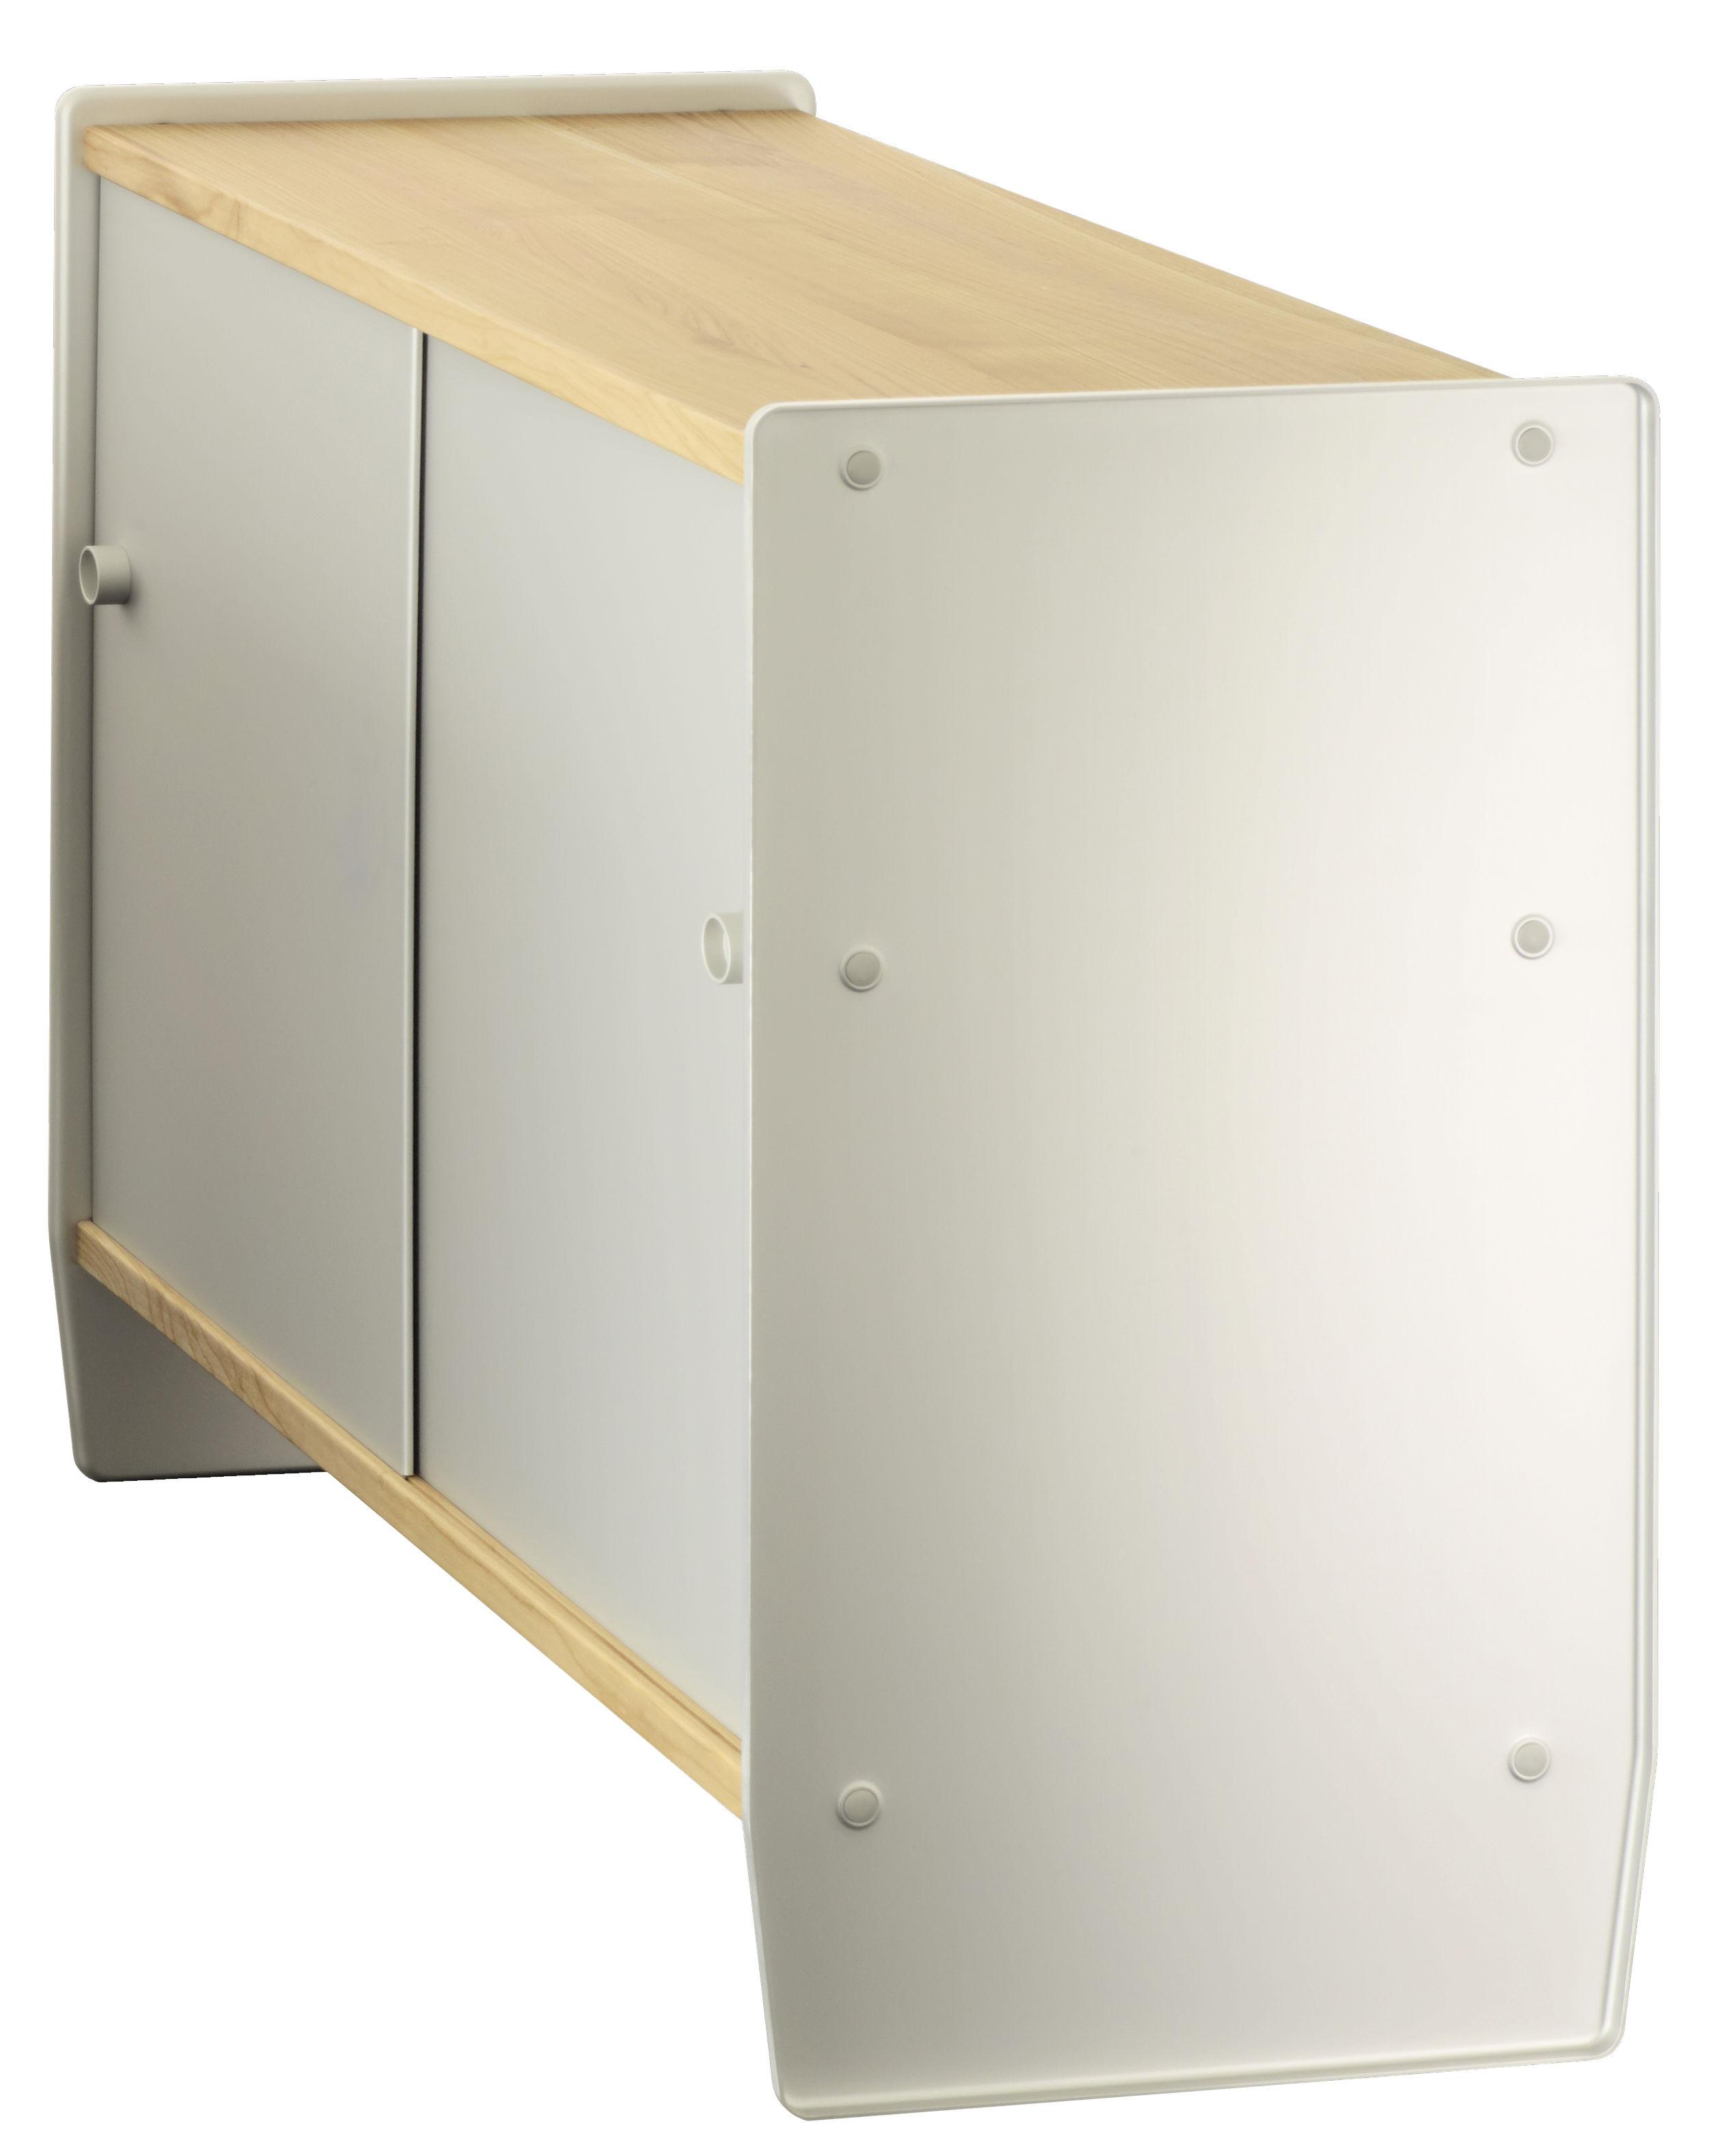 Möbel - Kommode und Anrichte - Theca Anrichte / hoch - L 123 x H 78 cm - Magis - Kirschbaum natur / eloxiertes Aluminium - eloxiertes Aluminium, MDF plaqué cerisier